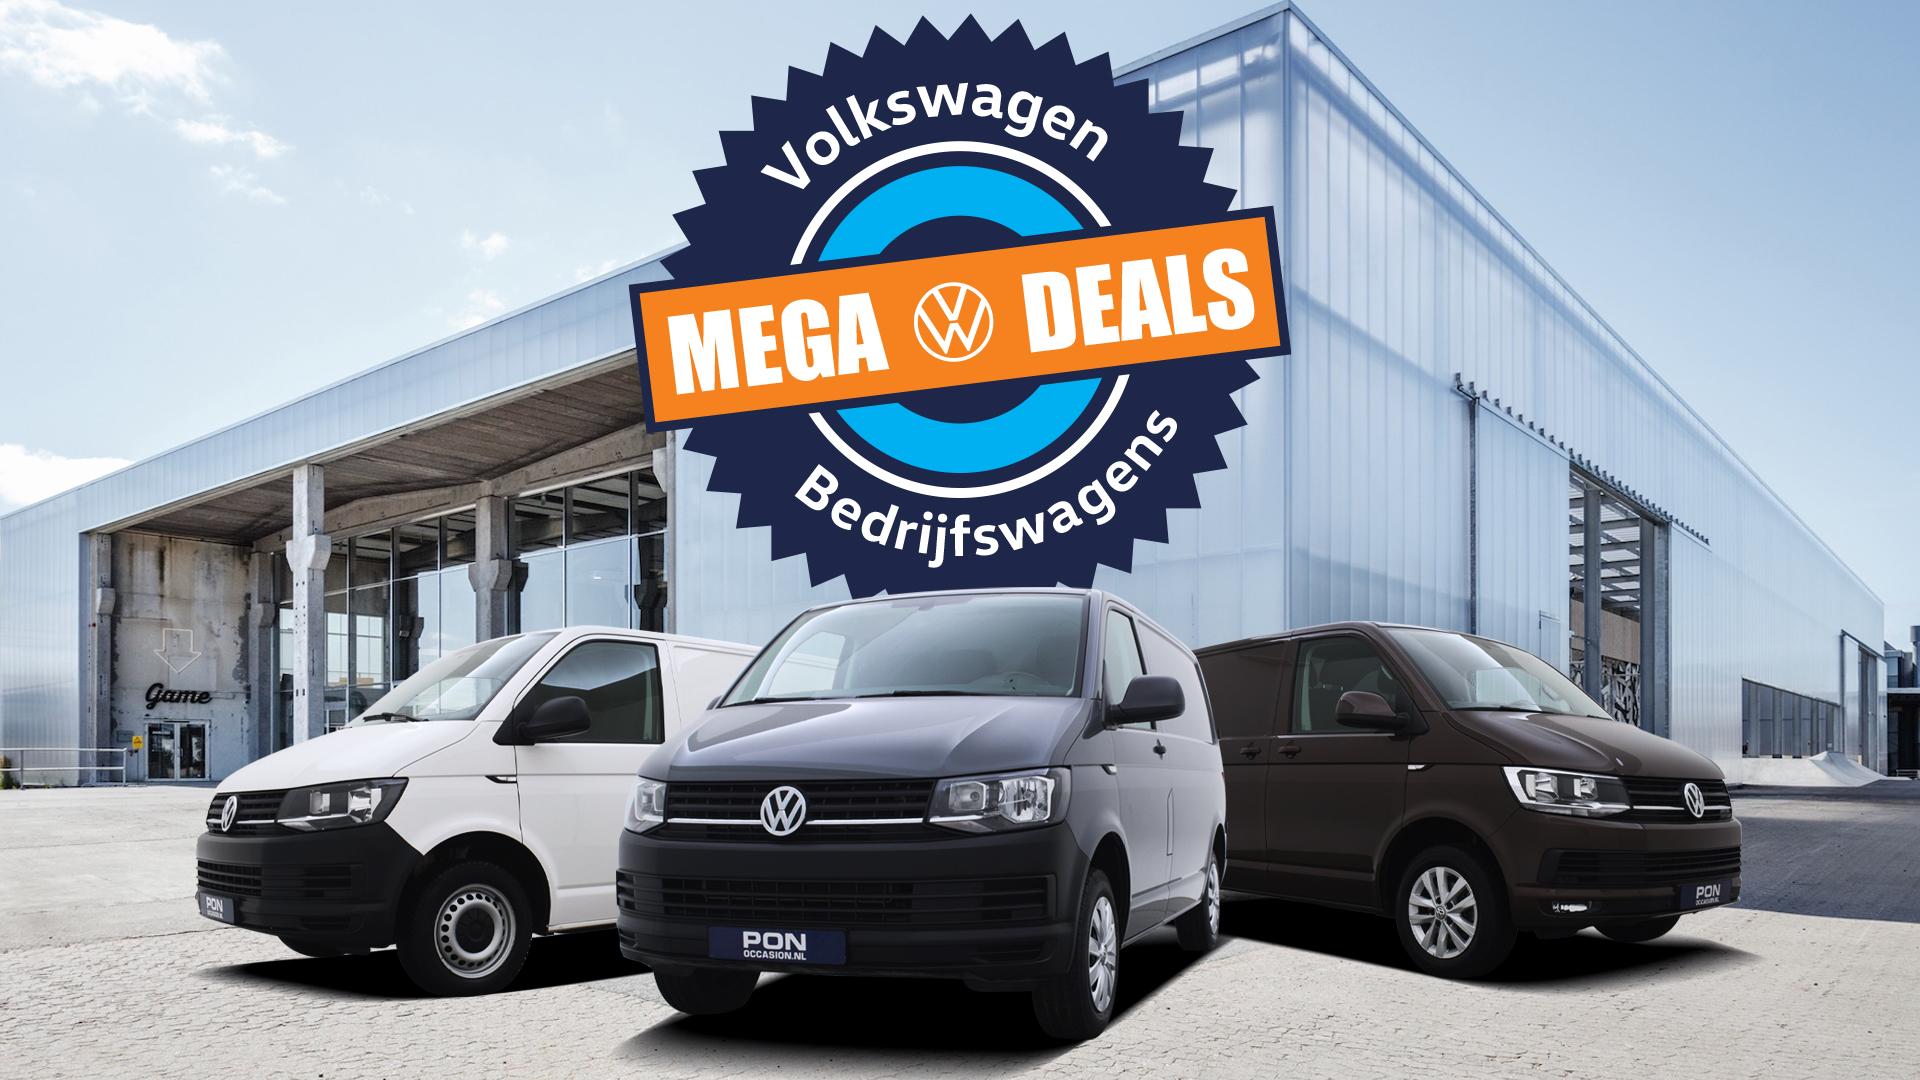 Volkswagen_Transporter_Mega_Deals_bij_Pon_Occasion.jpg